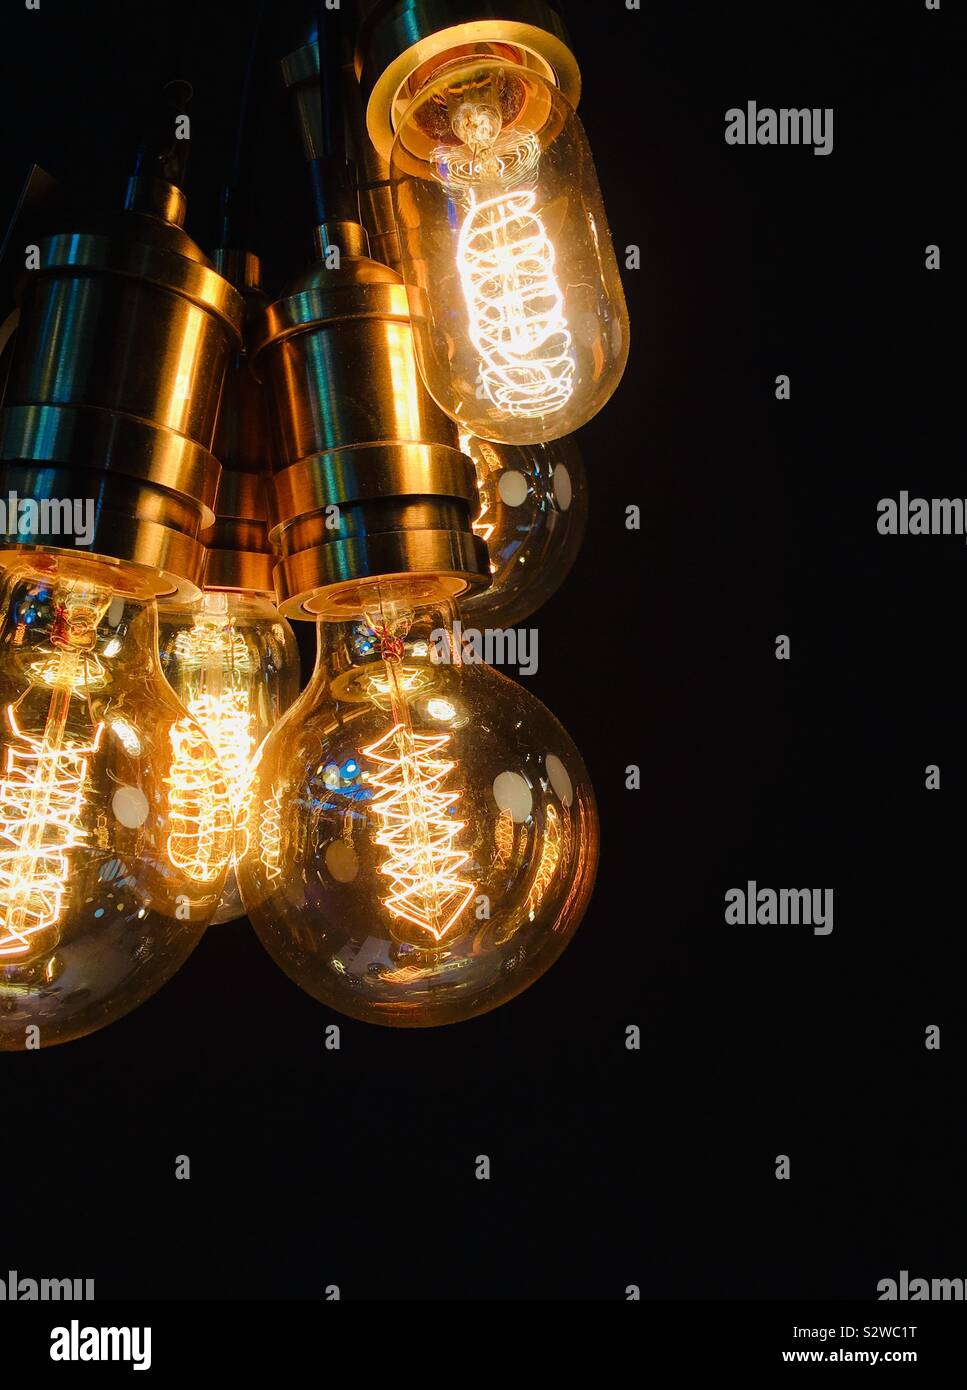 Illuminated vintage style lightbulbs Stock Photo